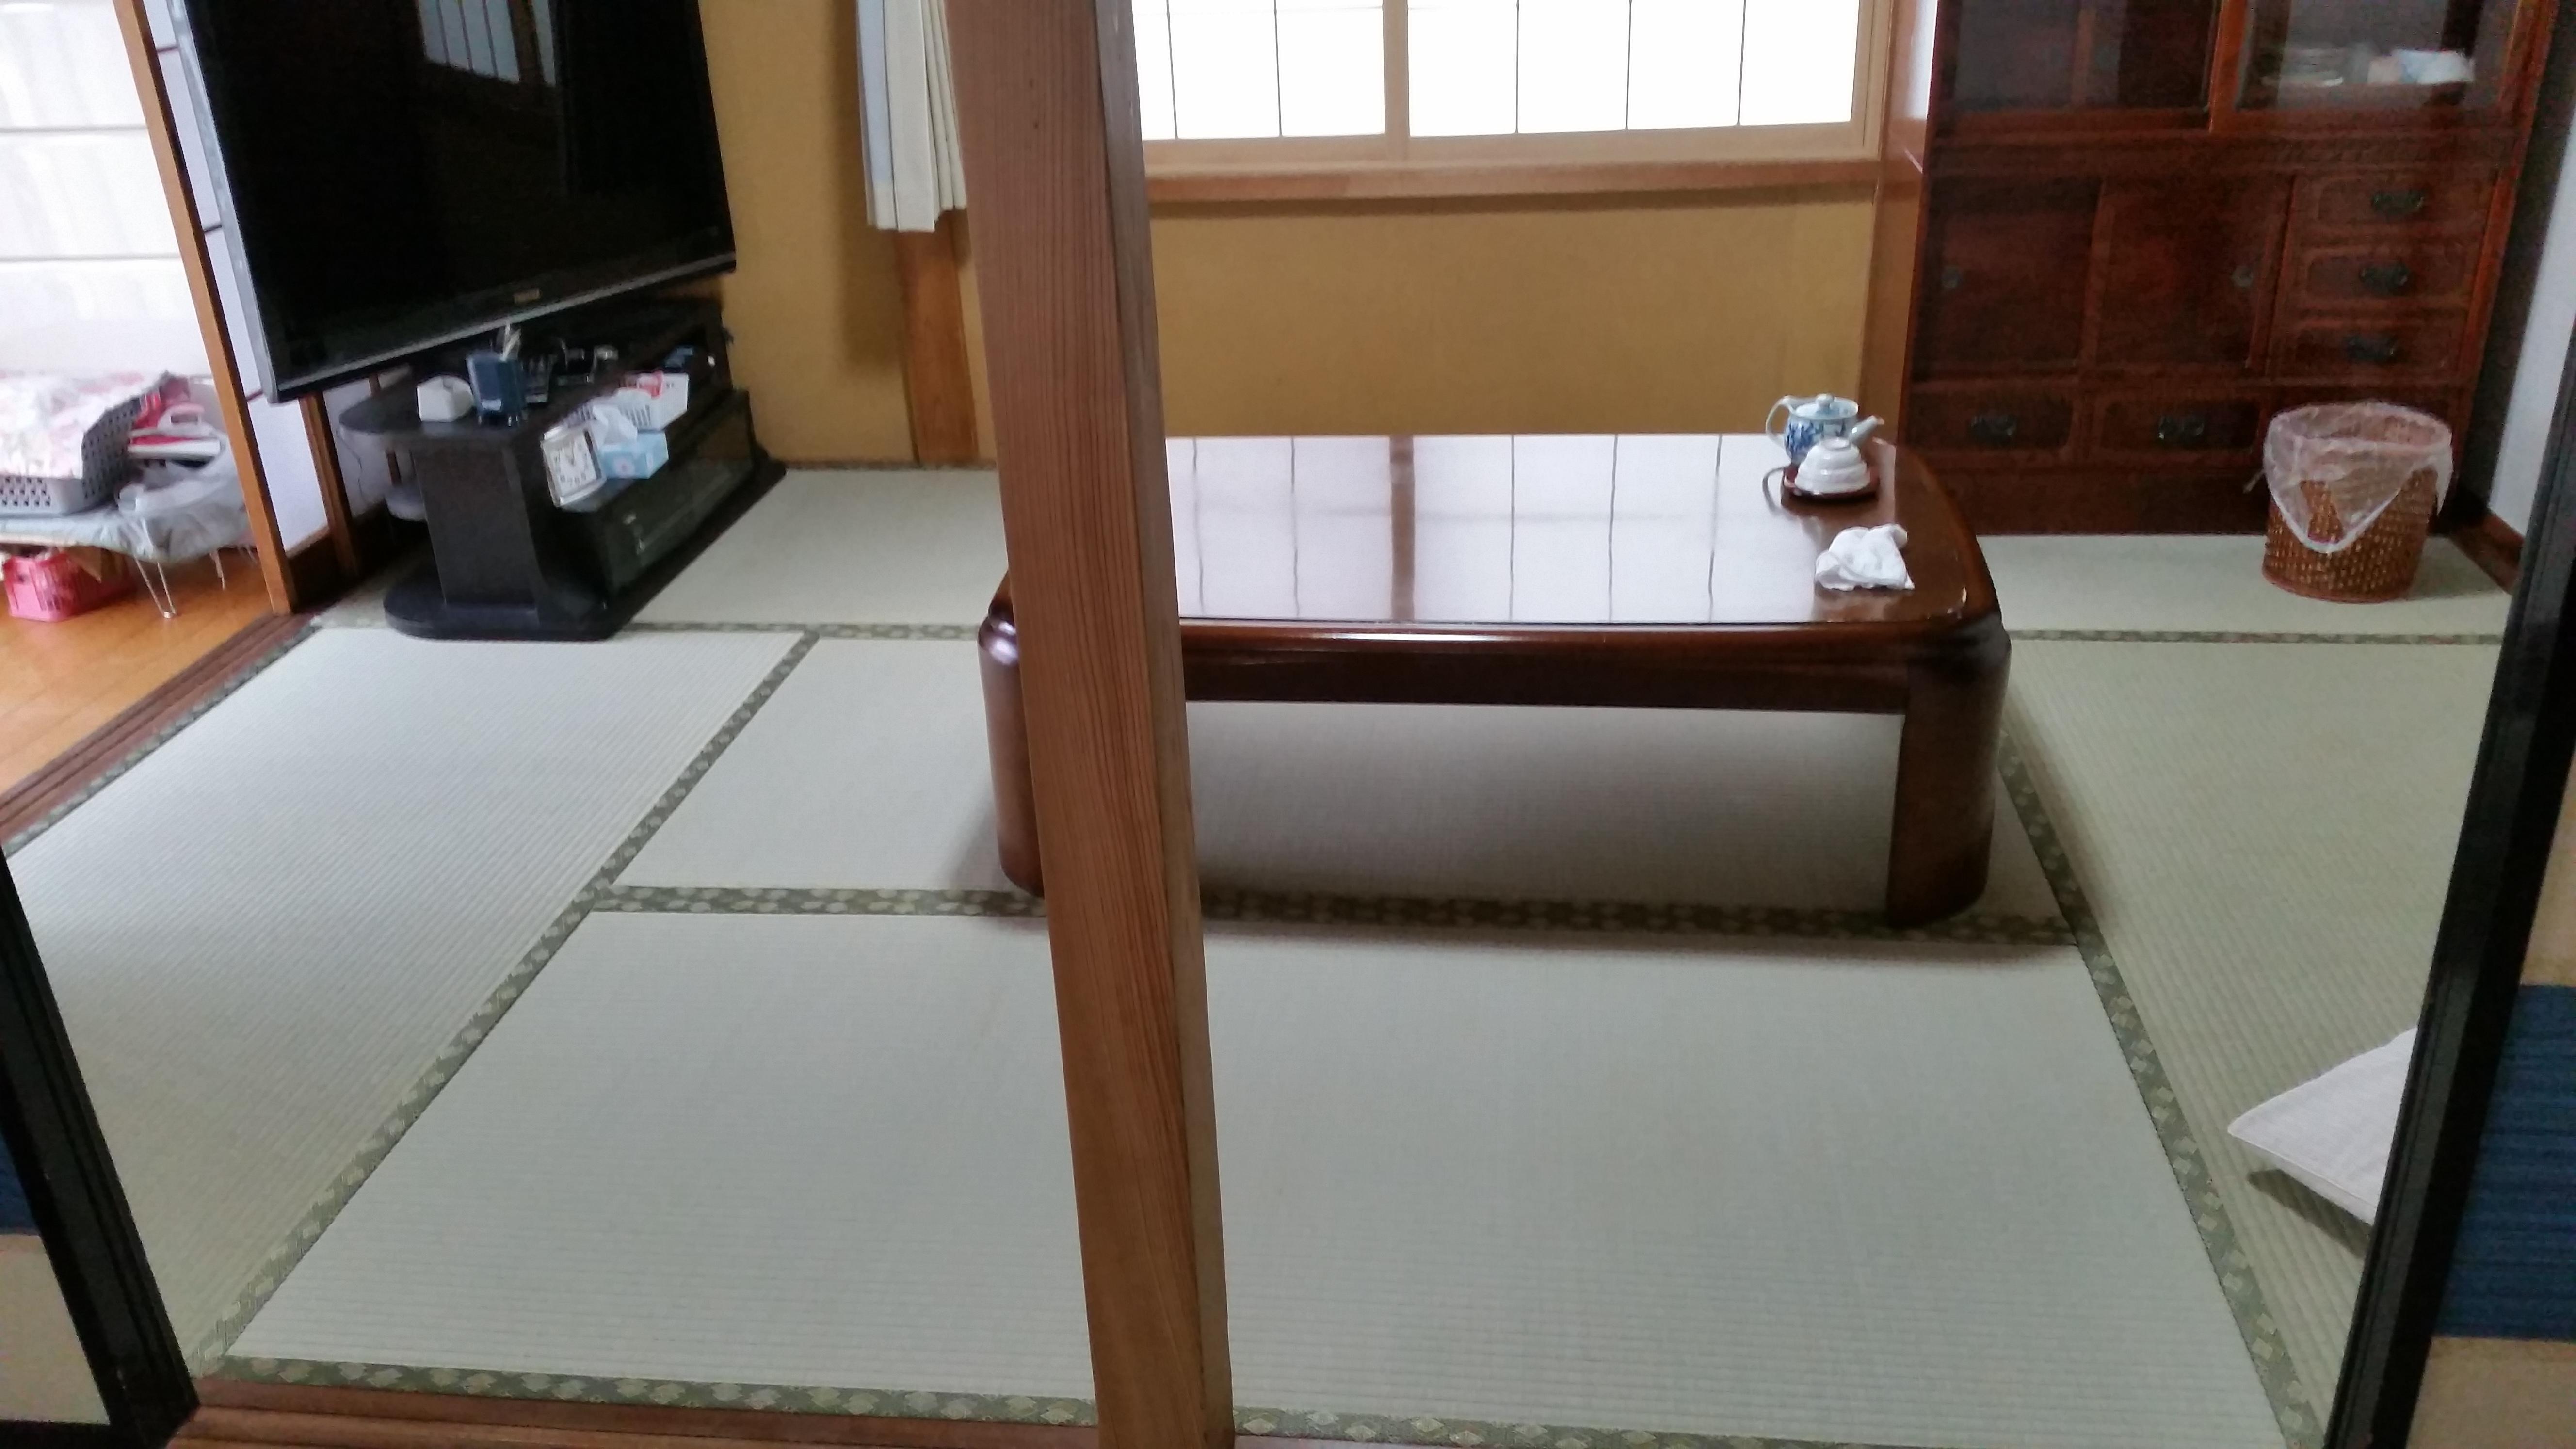 魚沼市のお客様からのご紹介で畳の表替え工事と内装工事をさせて頂くことになりました。